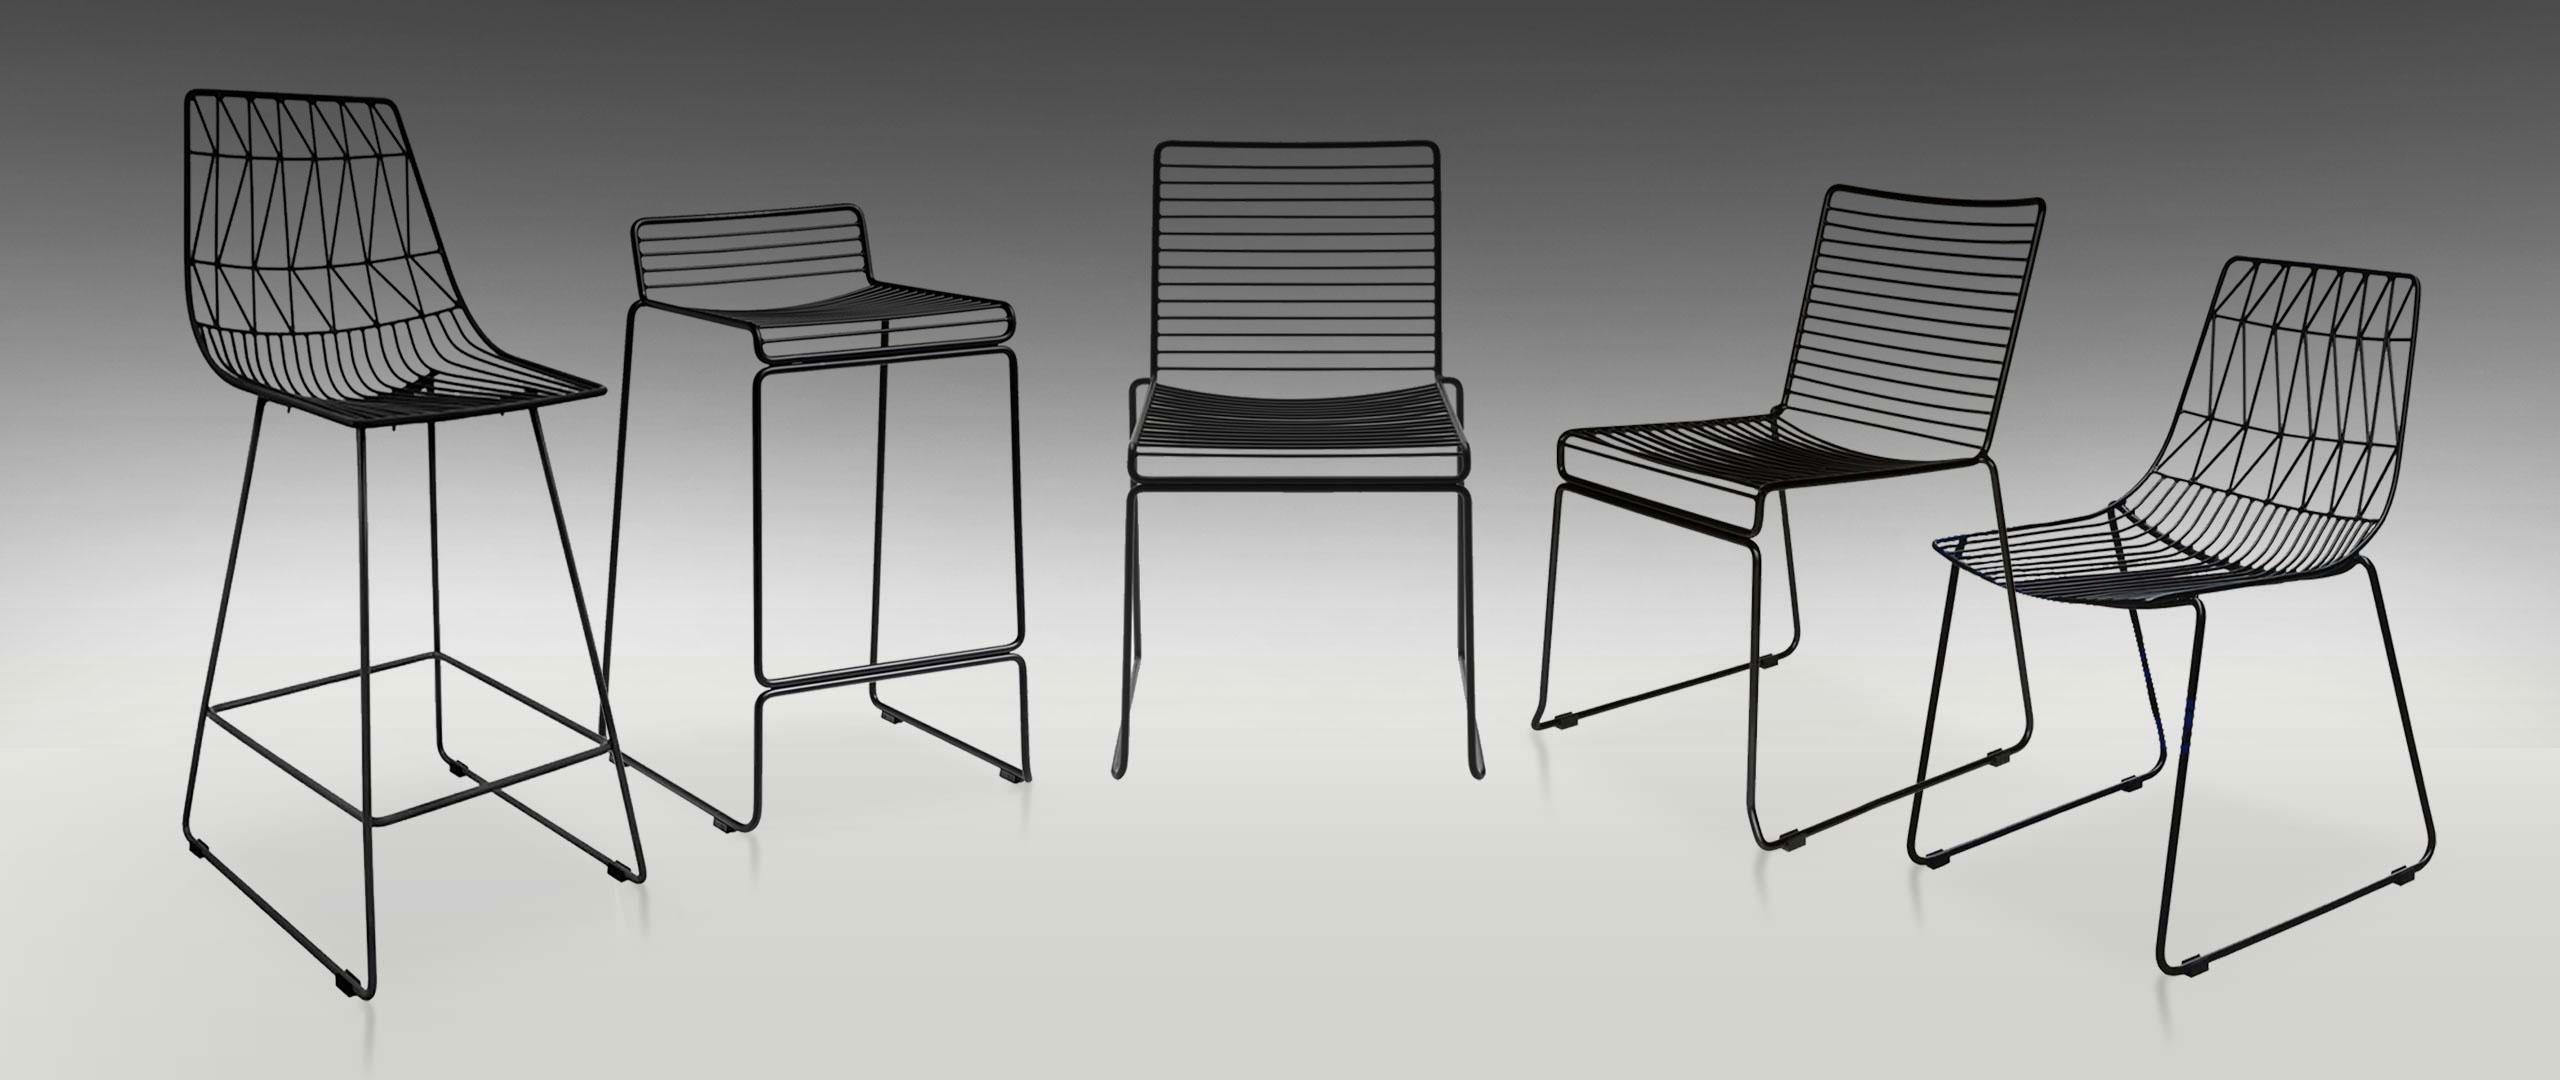 Bend Furniture